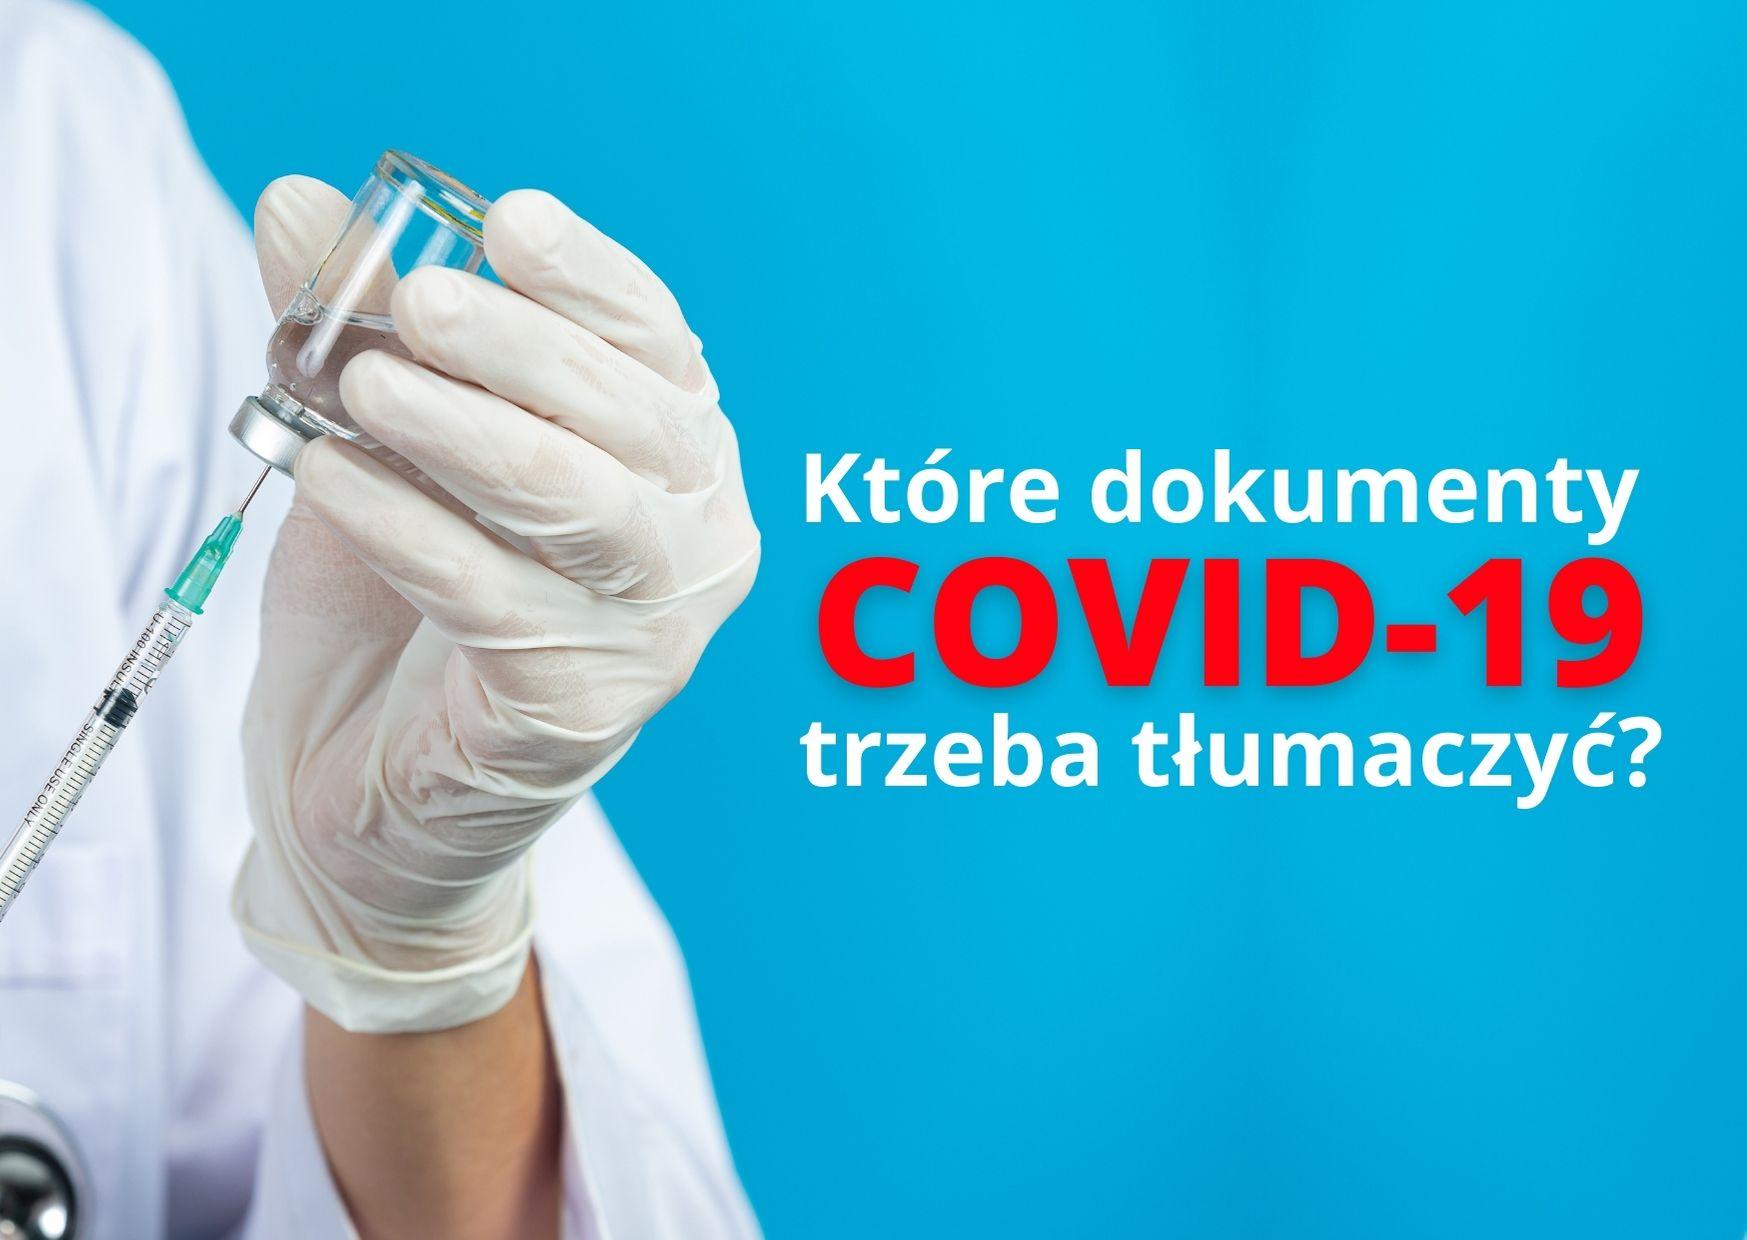 Tłumaczenia przysięgłe COVID 19